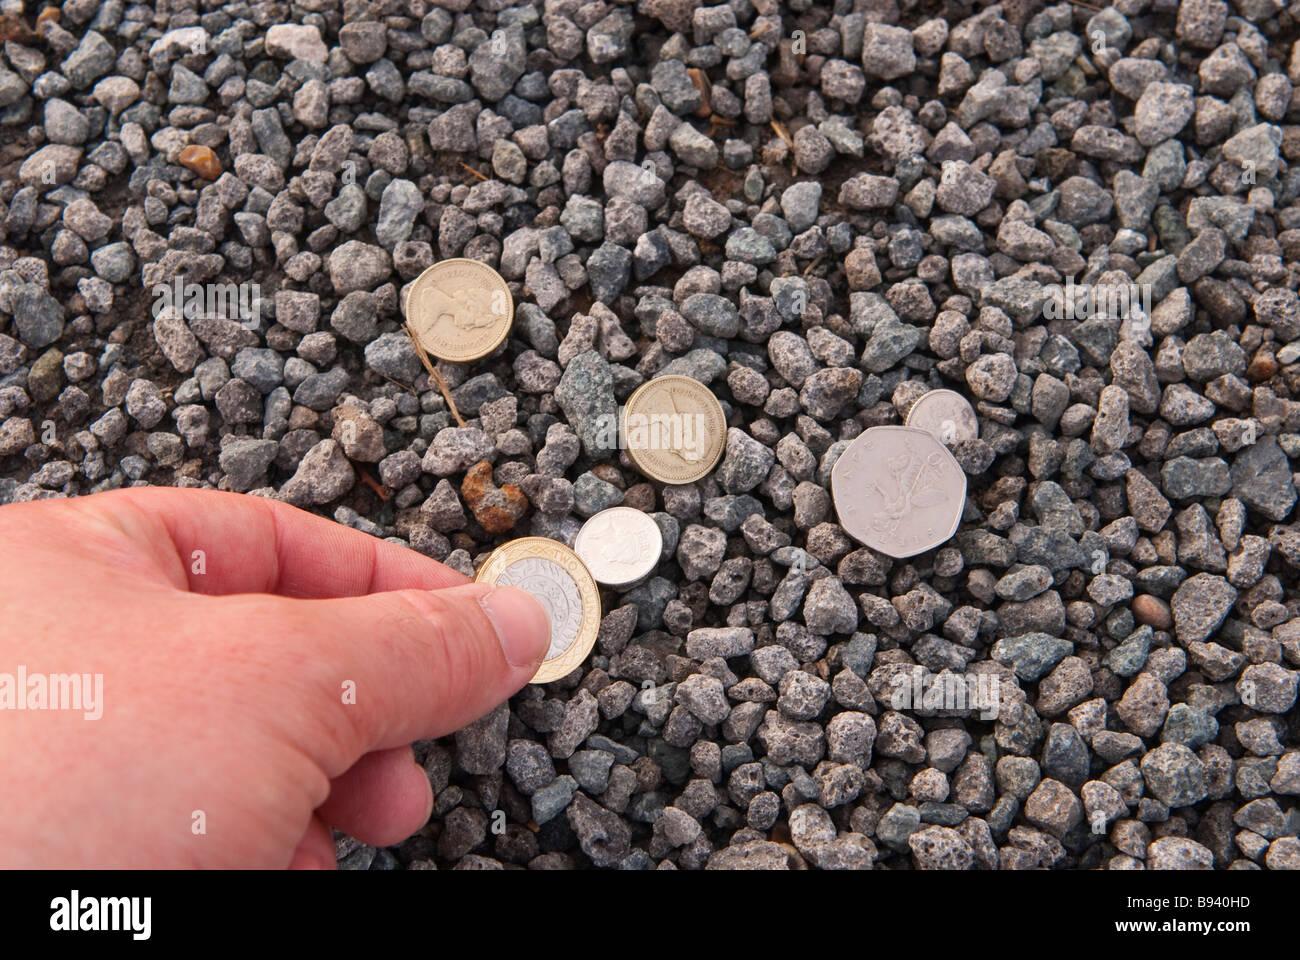 Fußboden Mit Münzen ~ Person abholen einige verloren geld münzen vom boden stockfoto bild